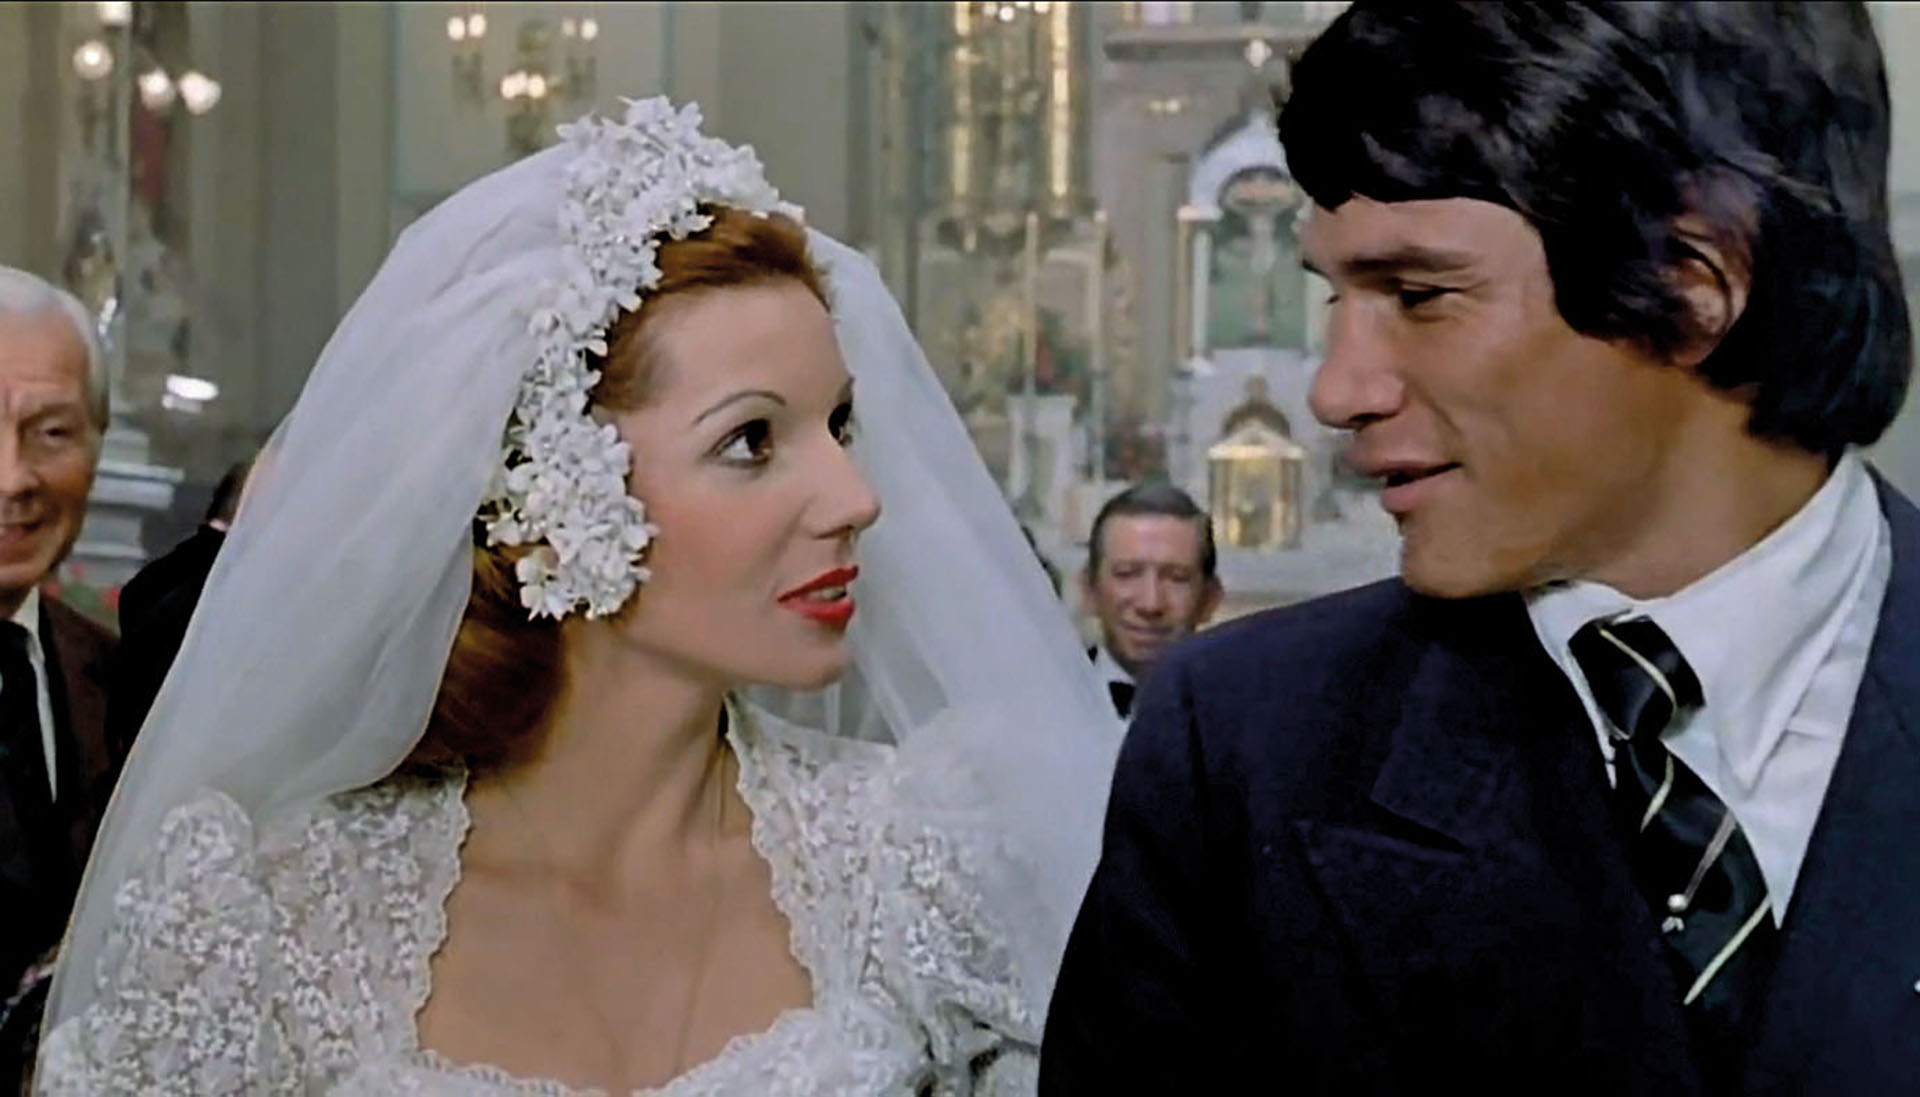 """Con Carlos Monzón protagonizó la película dramática """"La Mary"""", dirigida por Daniel Tinayre, que fue todo un éxito. Con el boxeador, Susana tuvo una relación amorosa intensa y muy conflictiva"""